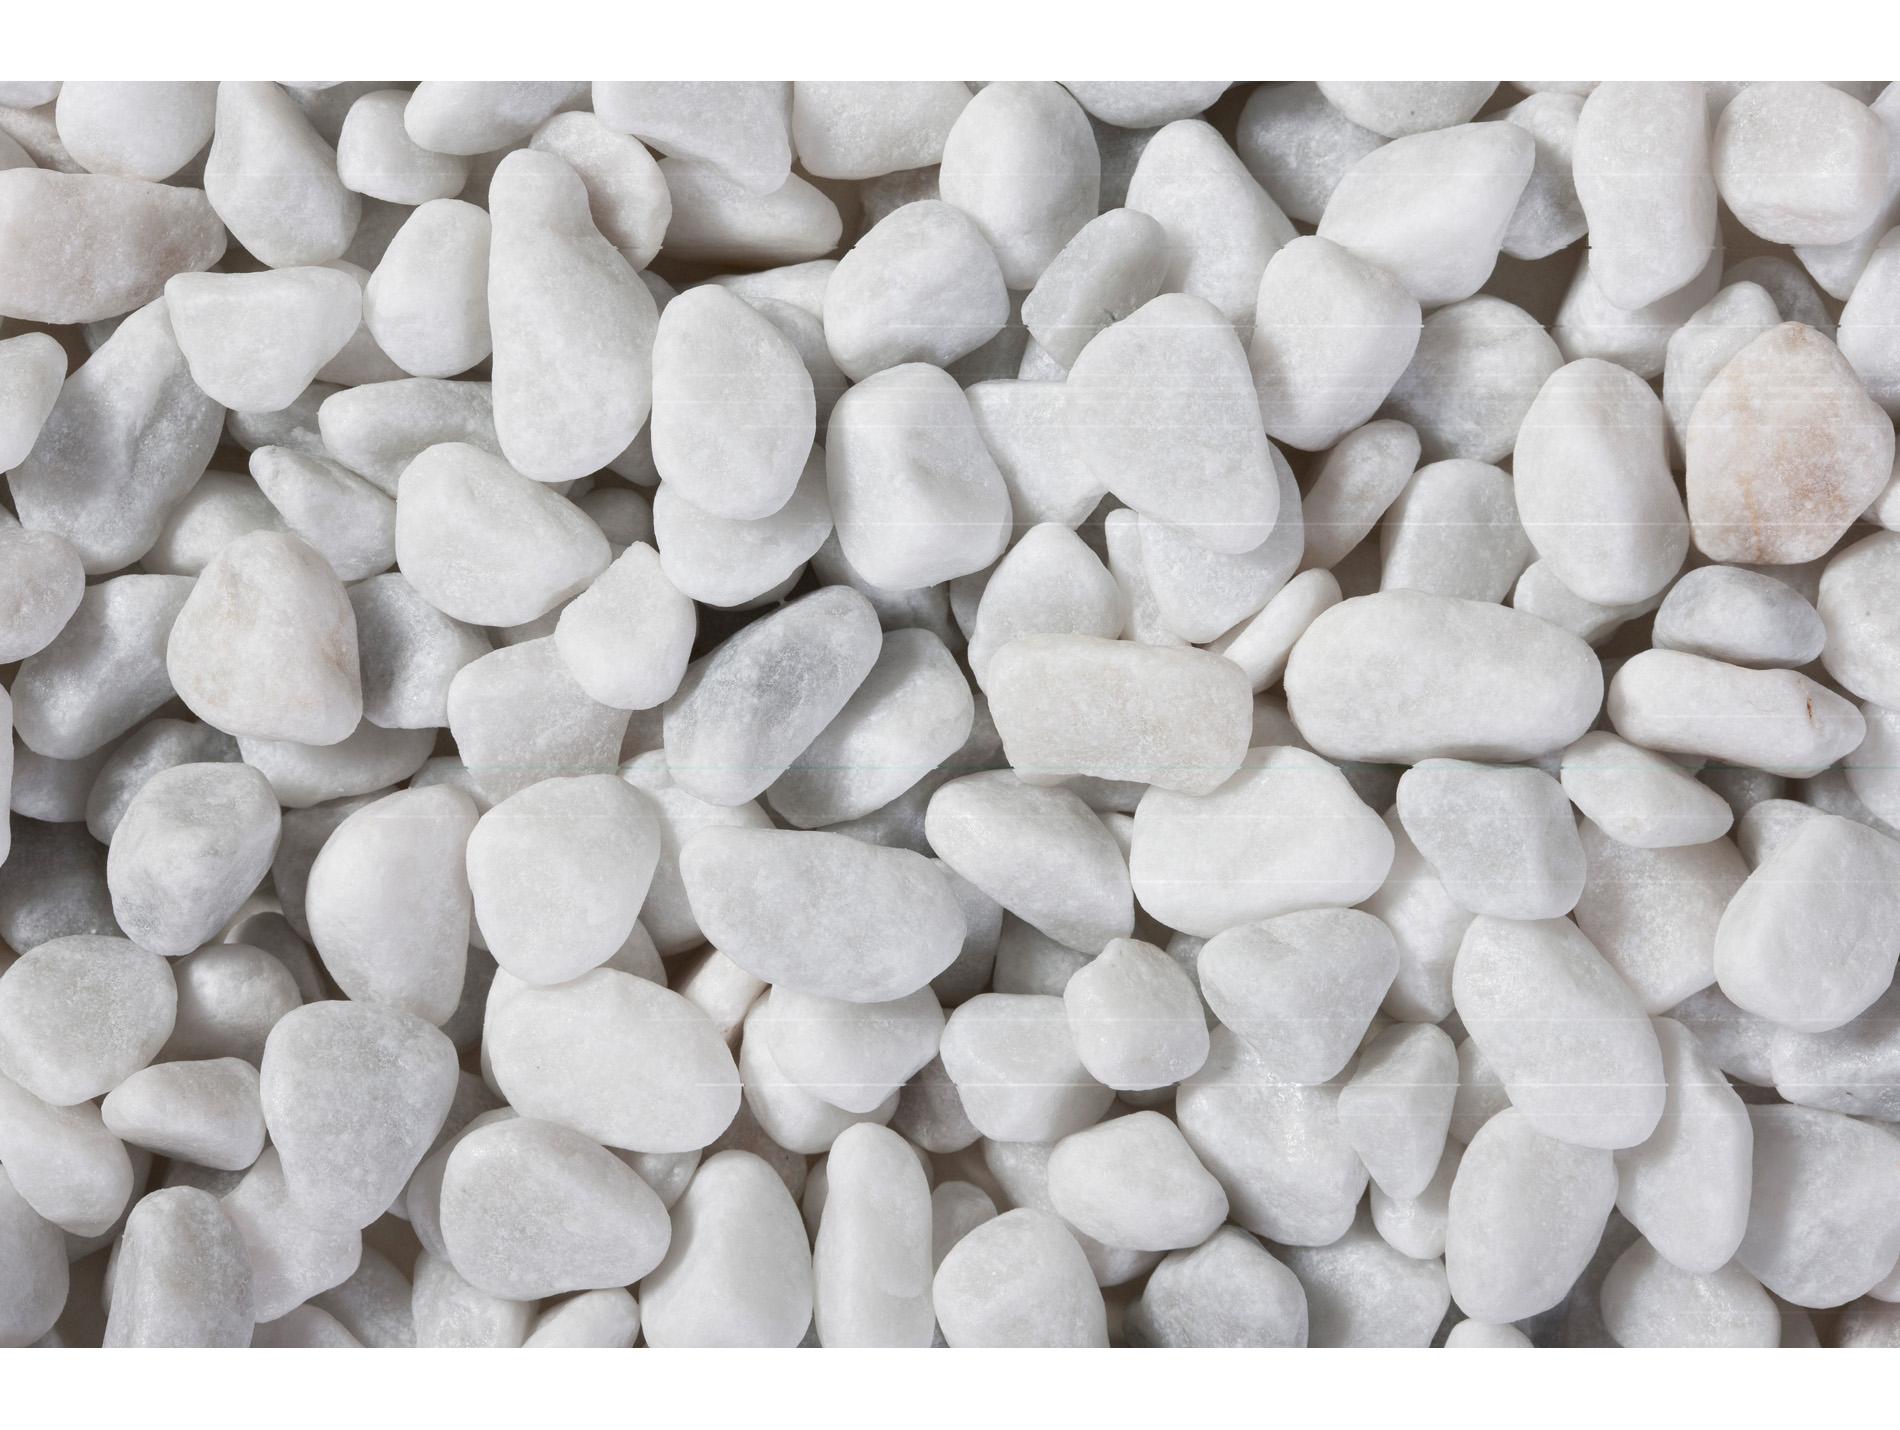 galet marbre blanc roul carrare 7 15 25kg gravier. Black Bedroom Furniture Sets. Home Design Ideas